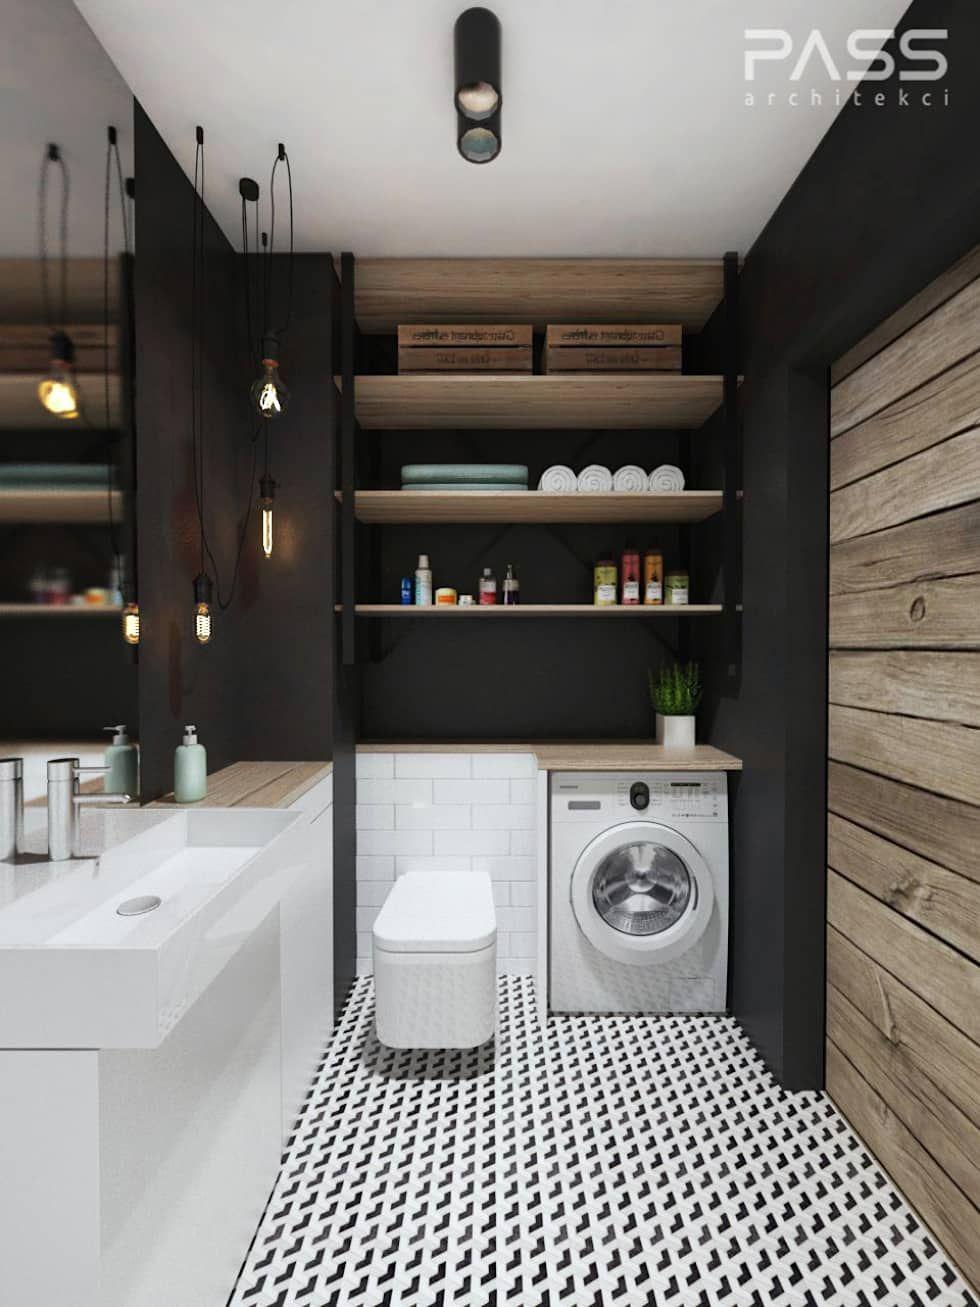 Pass architekci baños de estilo industrial | homify | Baño ...